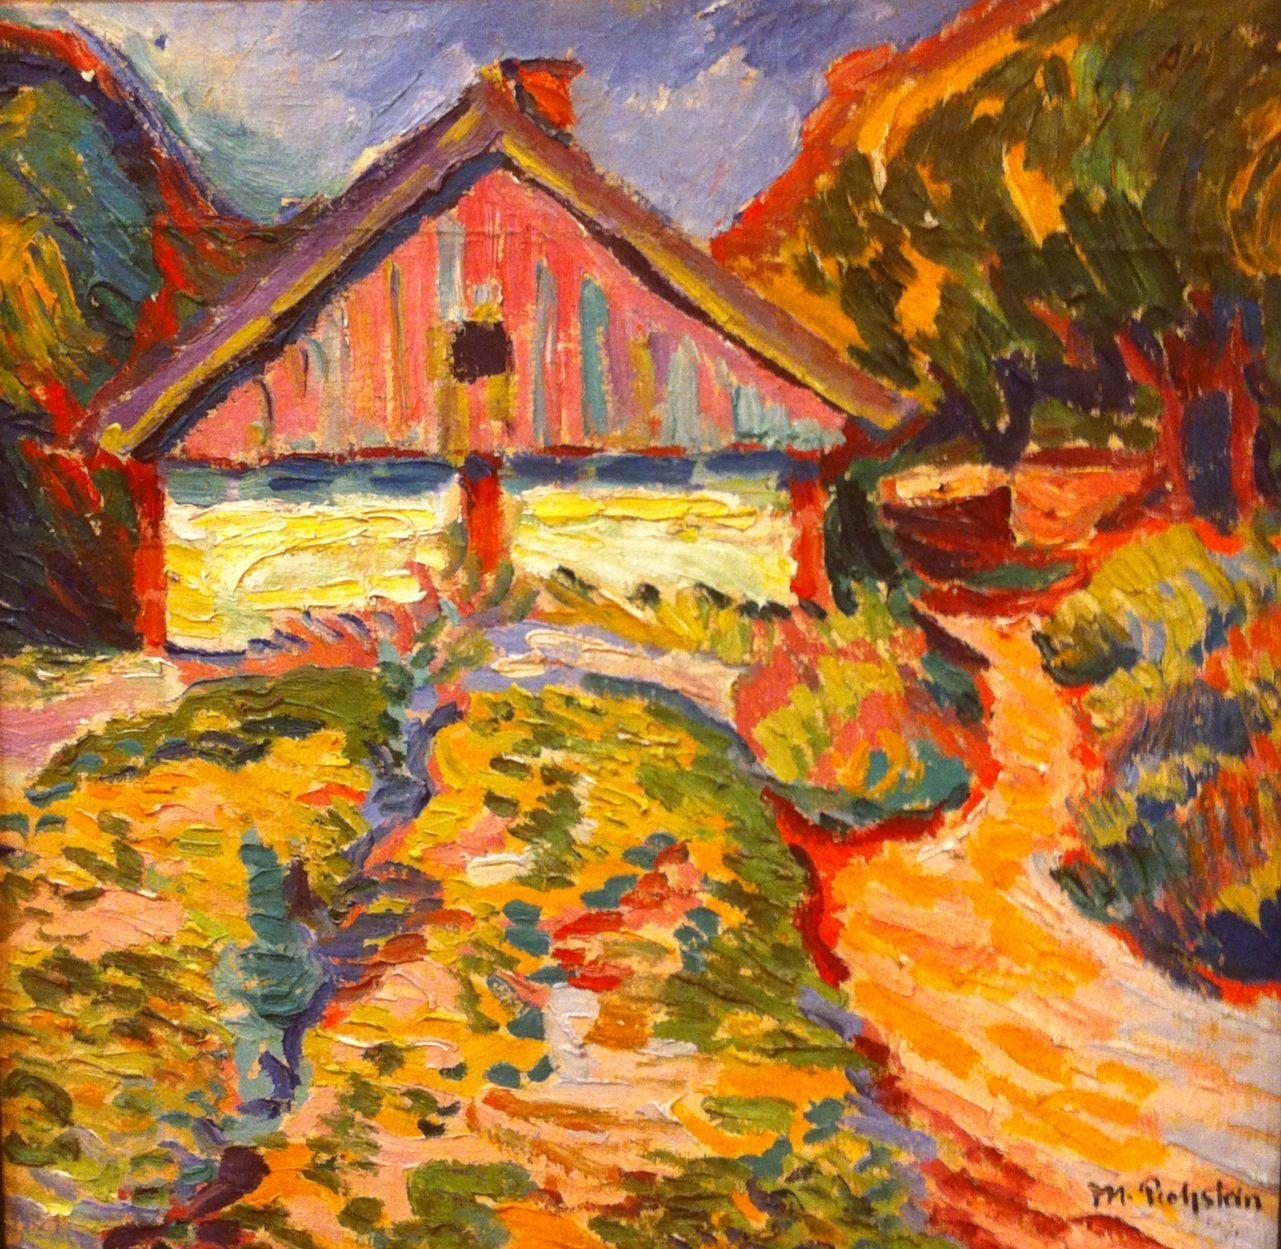 Casa De Kuhrische Nehrung Max Pechstein Art Expressionist Painting German Expressionism Art